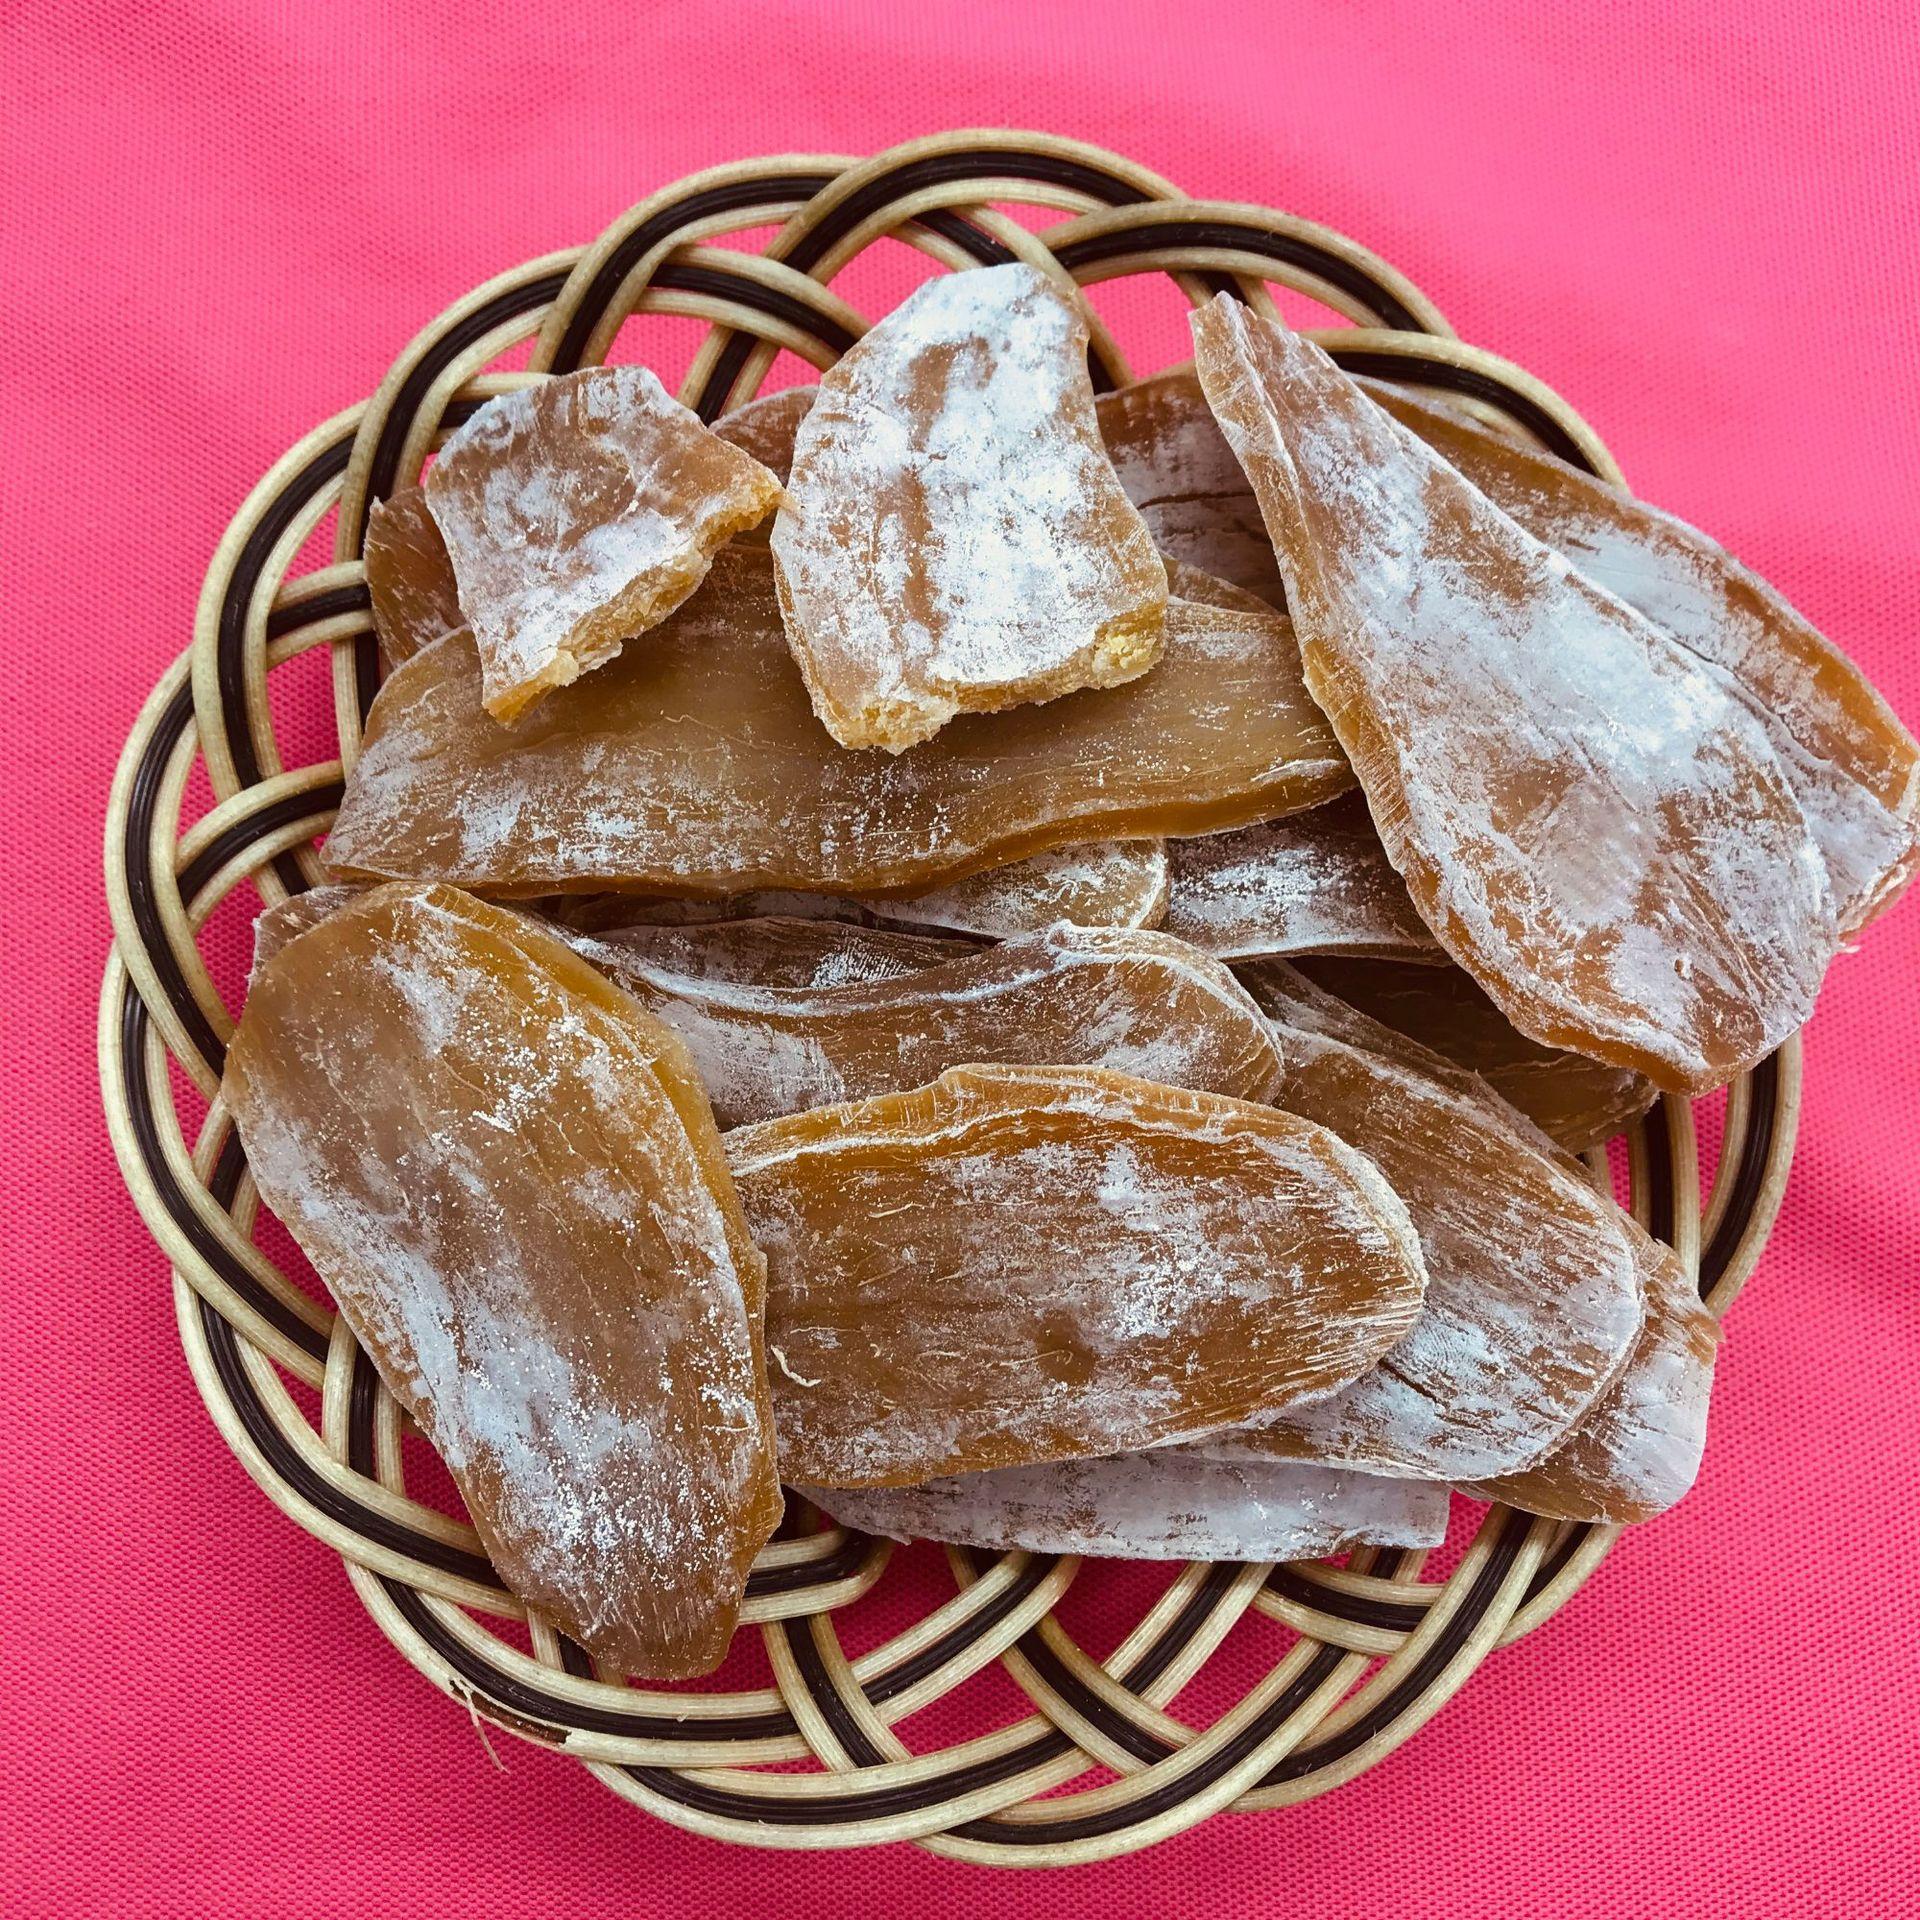 农家自制自销烘焙散包装20斤番薯干天然地瓜干自制无糖添加地瓜干